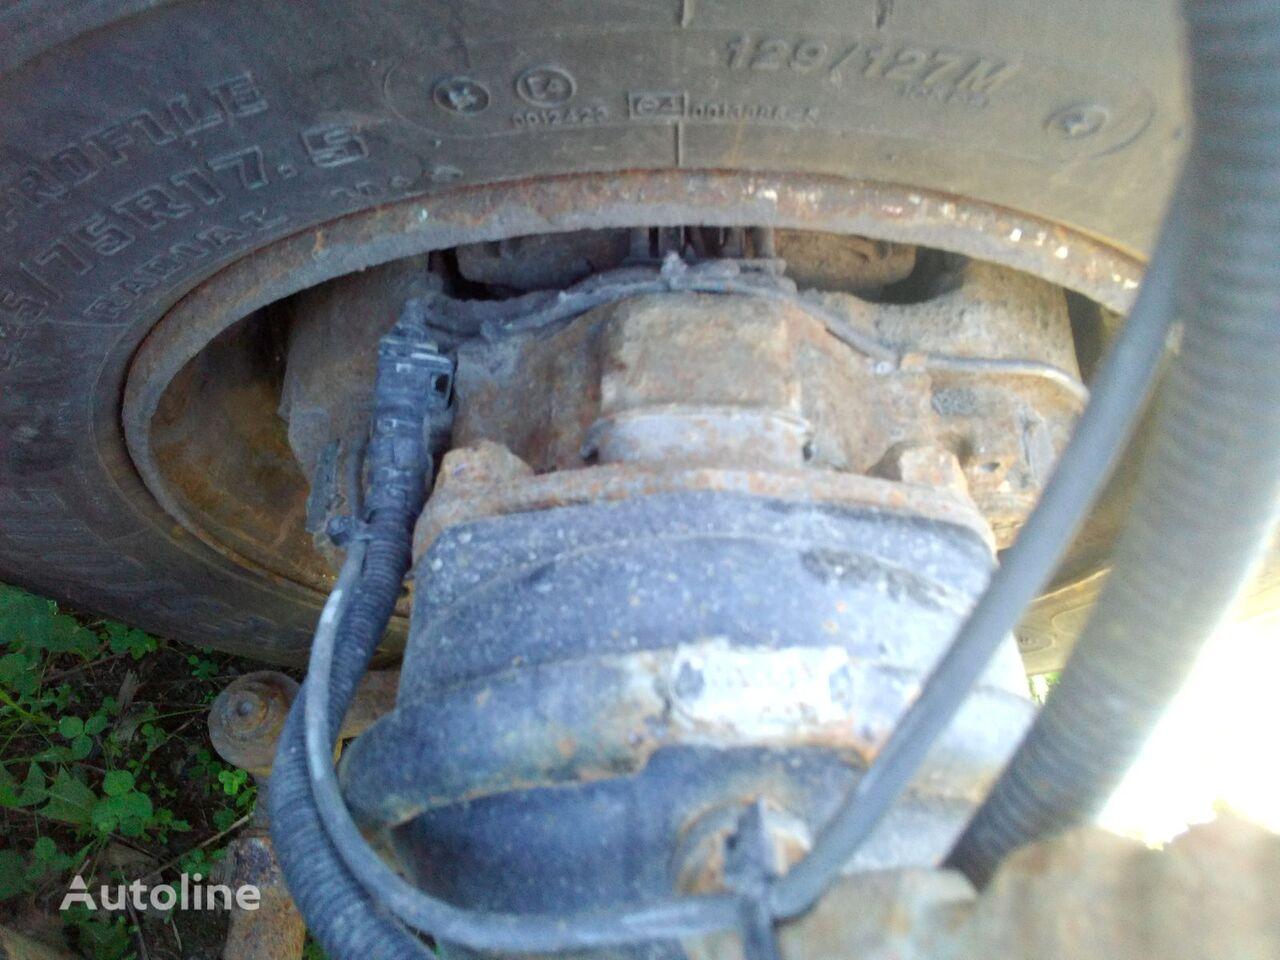 φορτηγό RENAULT midlum 190dxi για καλίμπρα φρένου RENAULT